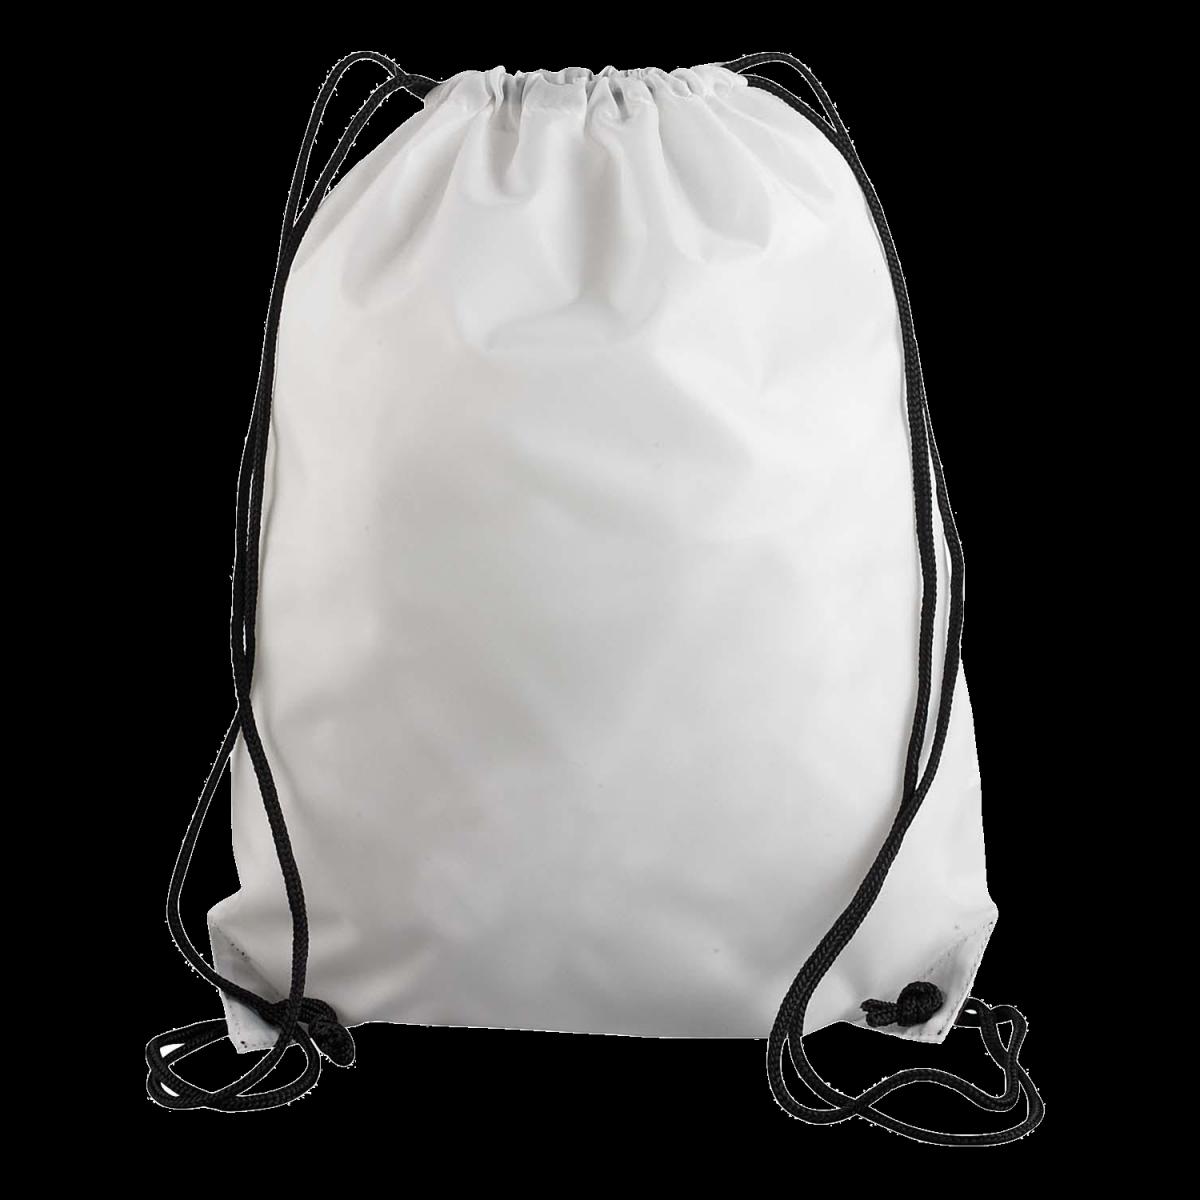 UltraClub Drawstring Backpack-Gray -OS